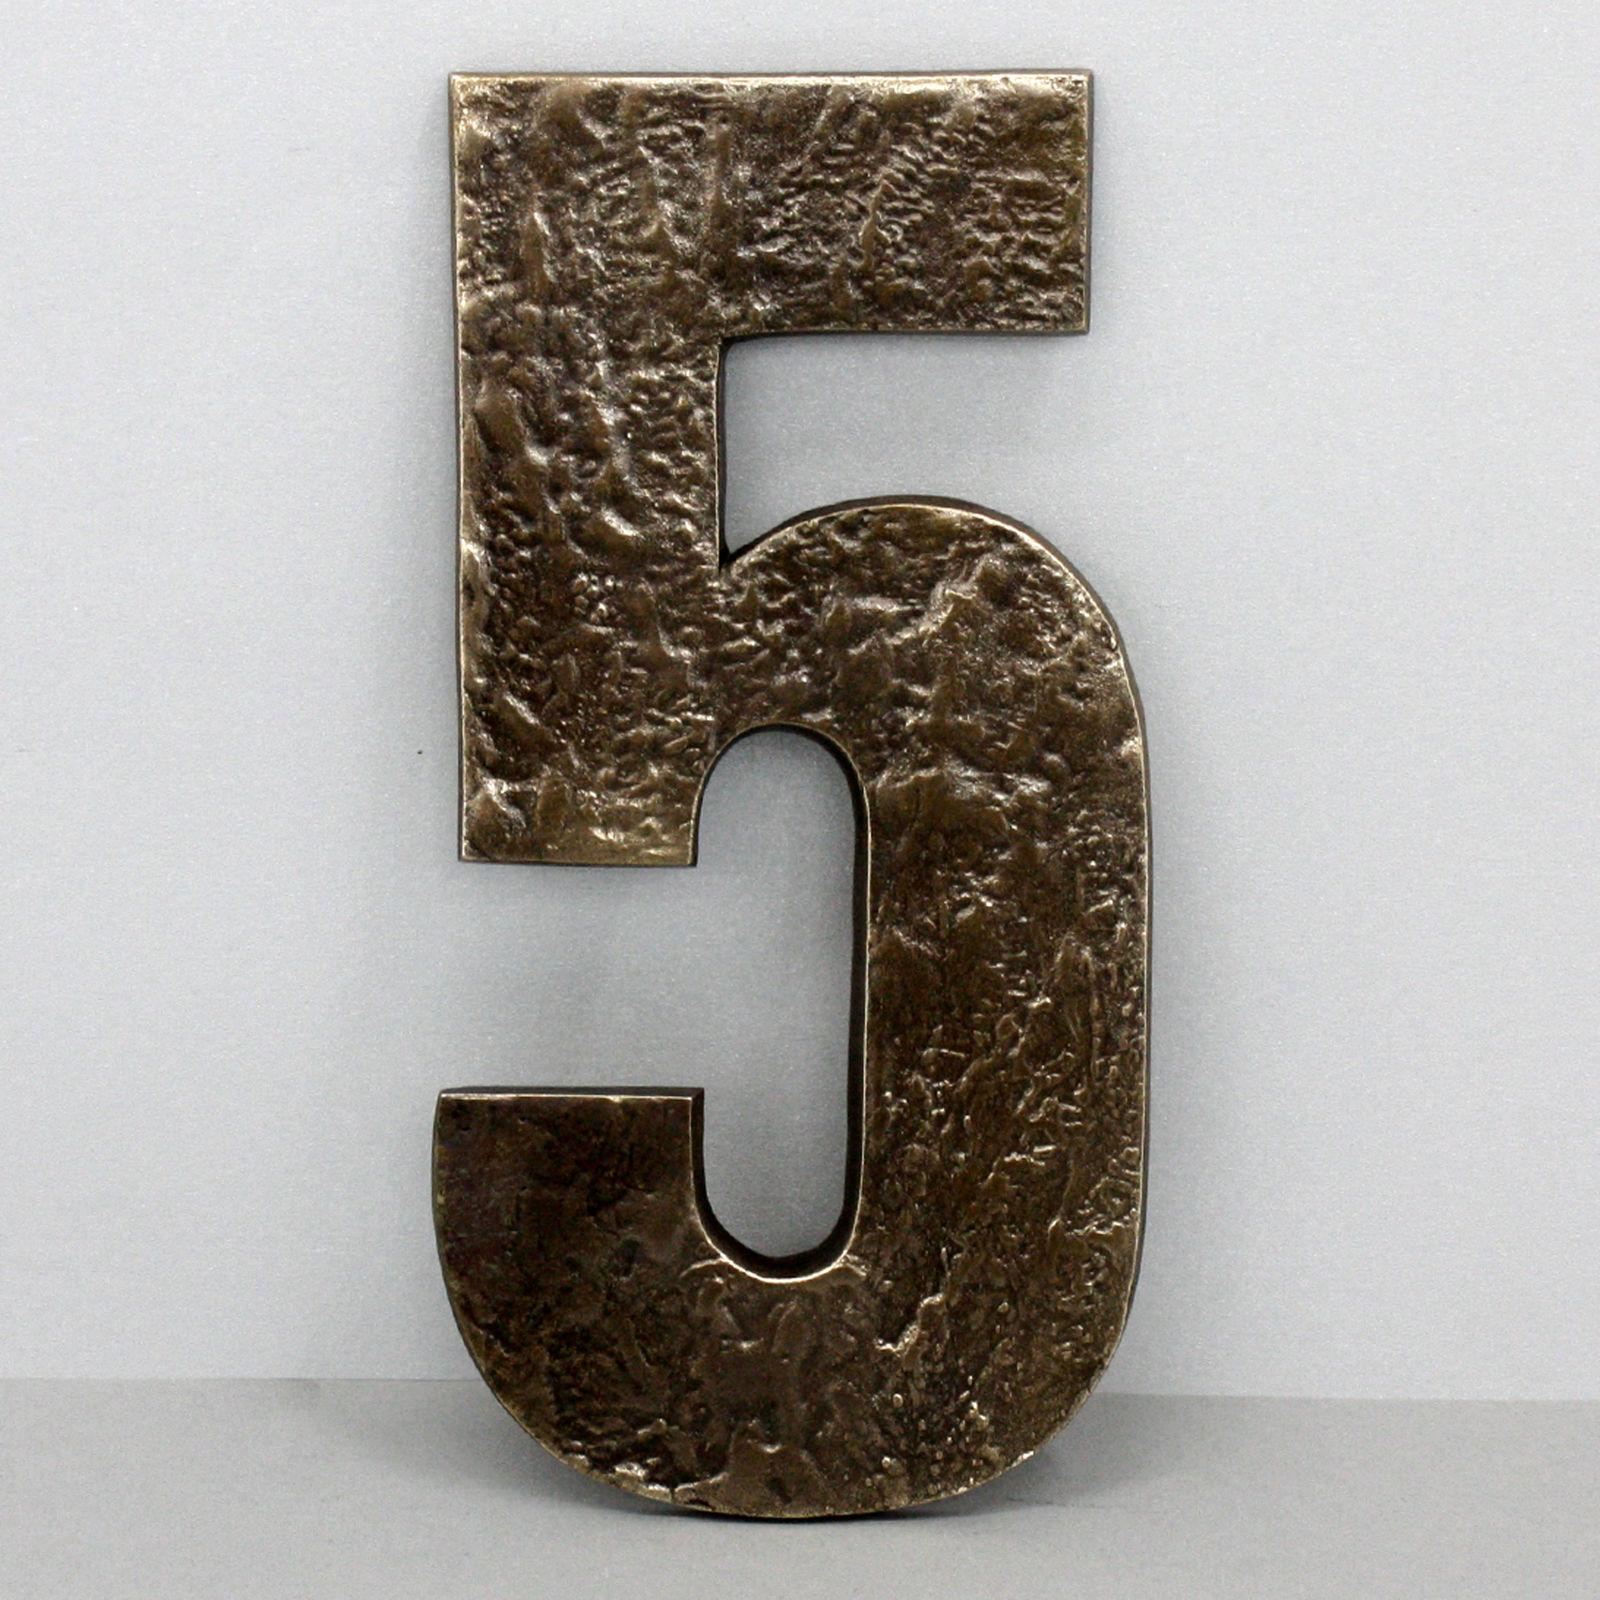 Gigantische Handgefertigte 24 cm Bronze Hausnummer Ziffer Ziffer Ziffer 5 Anft Hausnummern | Offizielle Webseite  | Discount  | Online Outlet Store  2696f1